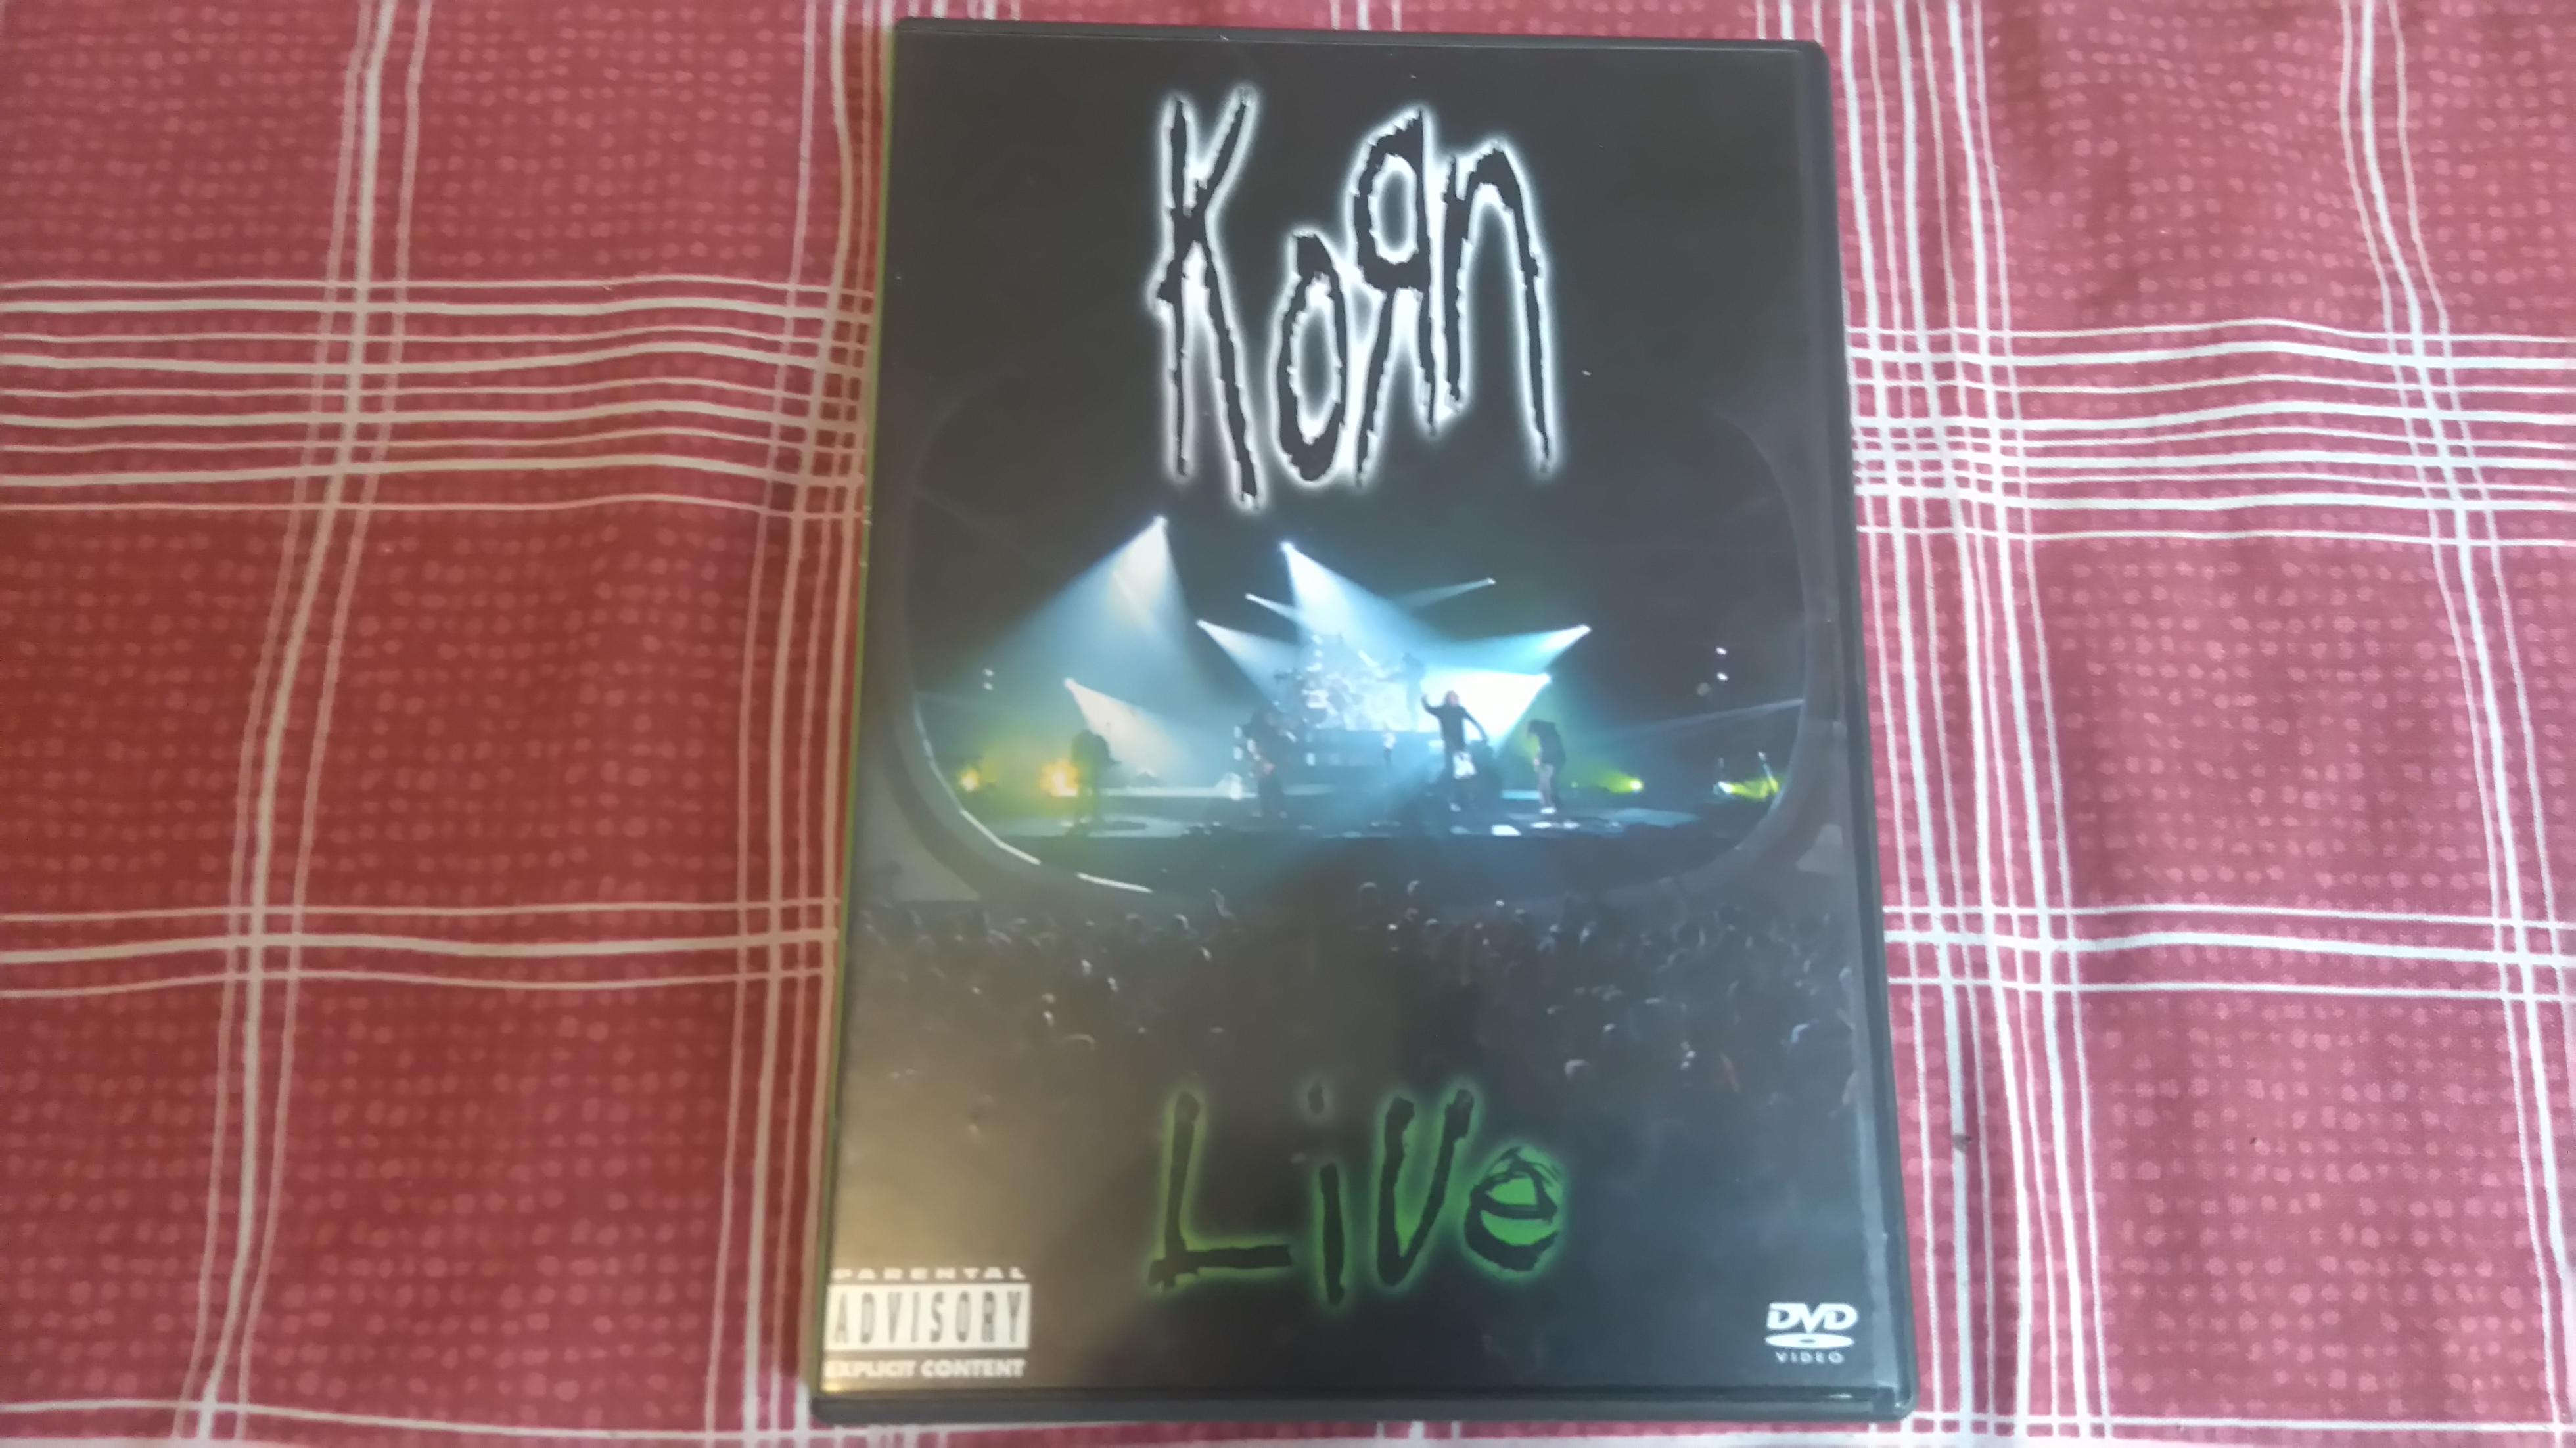 Korn dvd.JPG